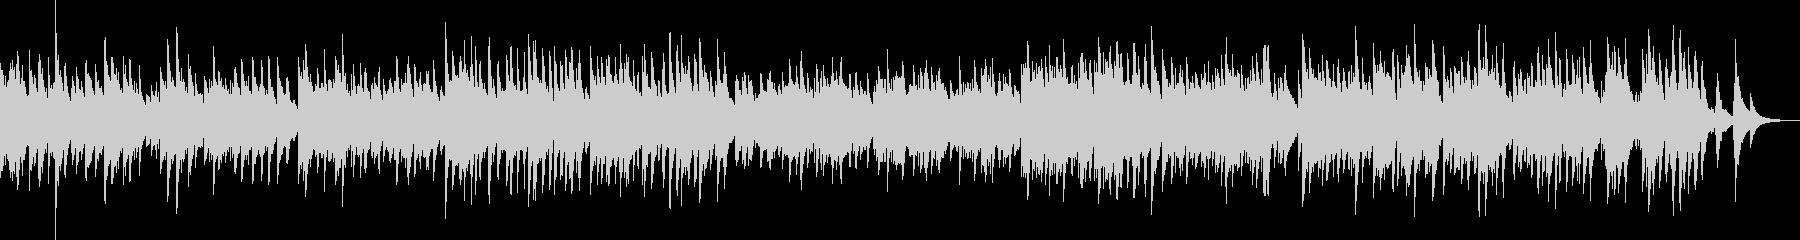 悲しく切ないピアノバラード(後悔・懺悔)の未再生の波形